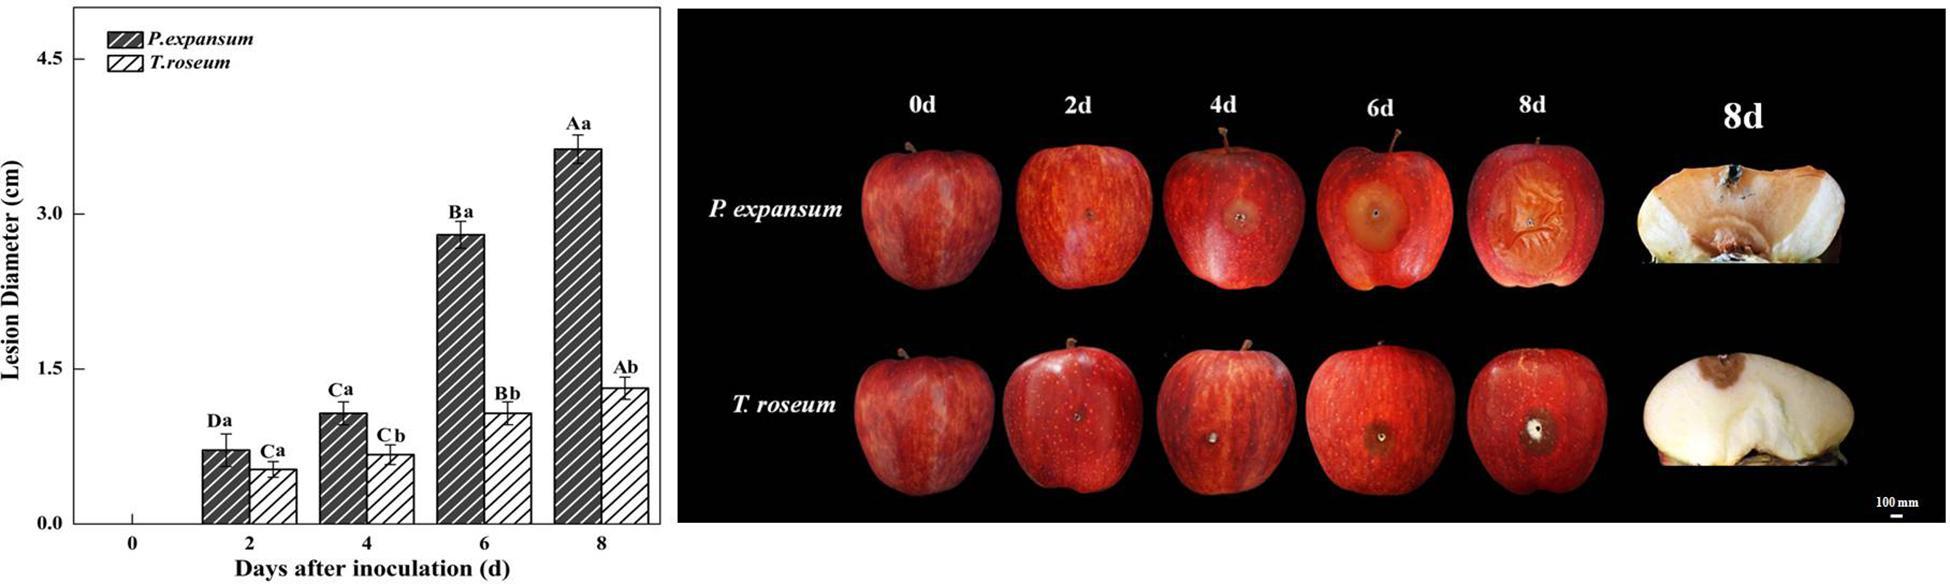 Frontiers Both Penicillium Expansum And Trichothecim